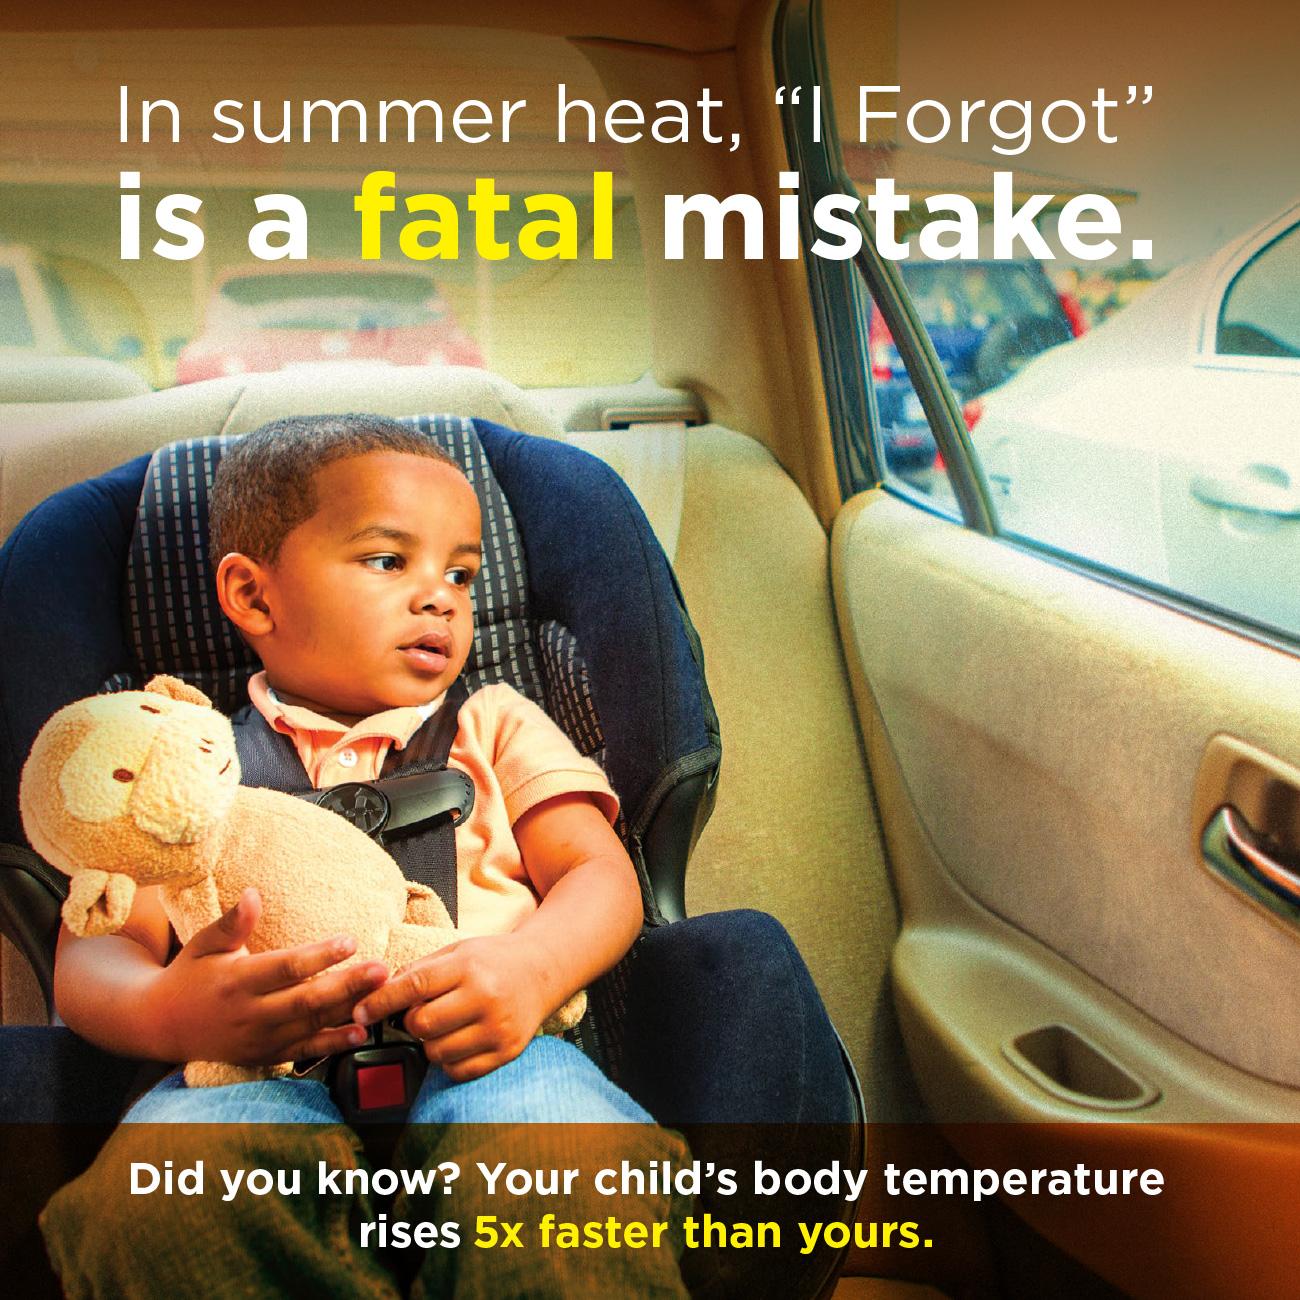 Hot Car campaign graphics